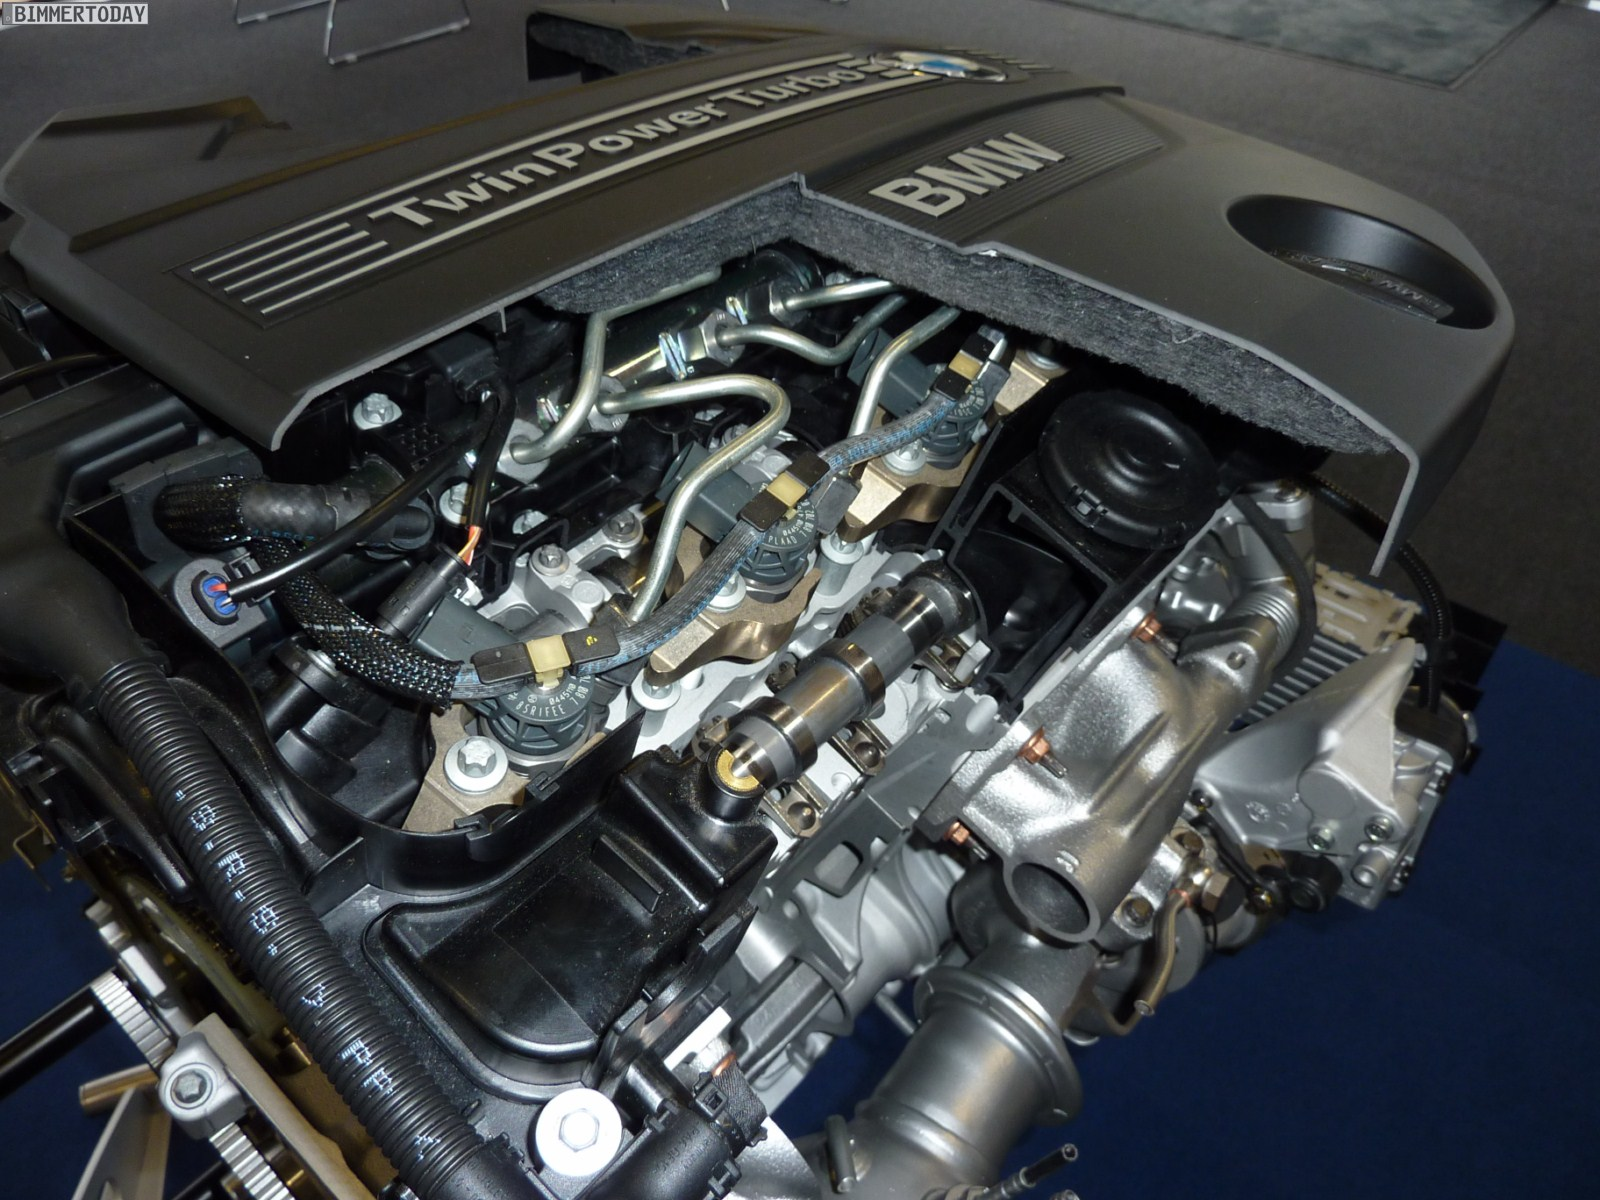 Euro 5 Diesel Bmw Verspricht Nachrüstung Für Saubere Abgase